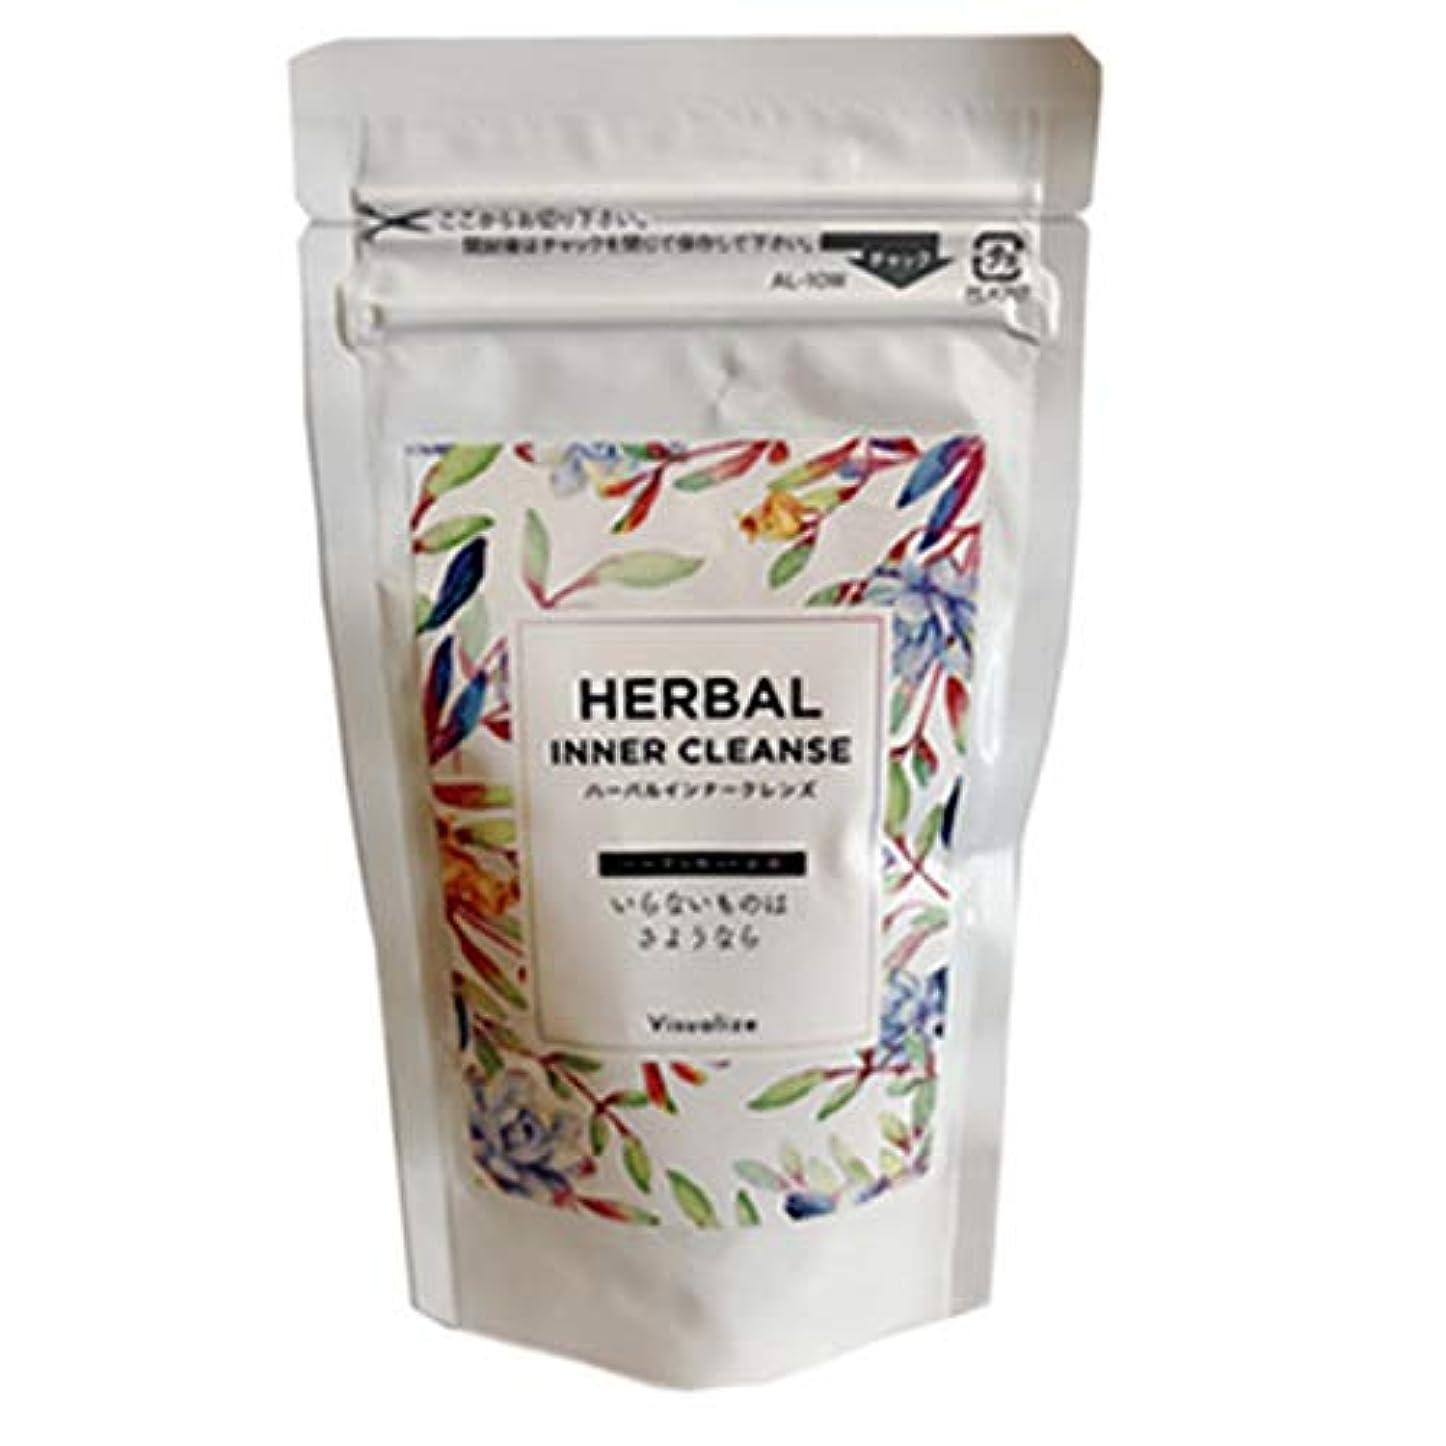 ウイルス寝てる繊細ハーバルインナークレンズ Herbal INNER CLEANZE (150粒(tablets))2019/1/8より順次発送